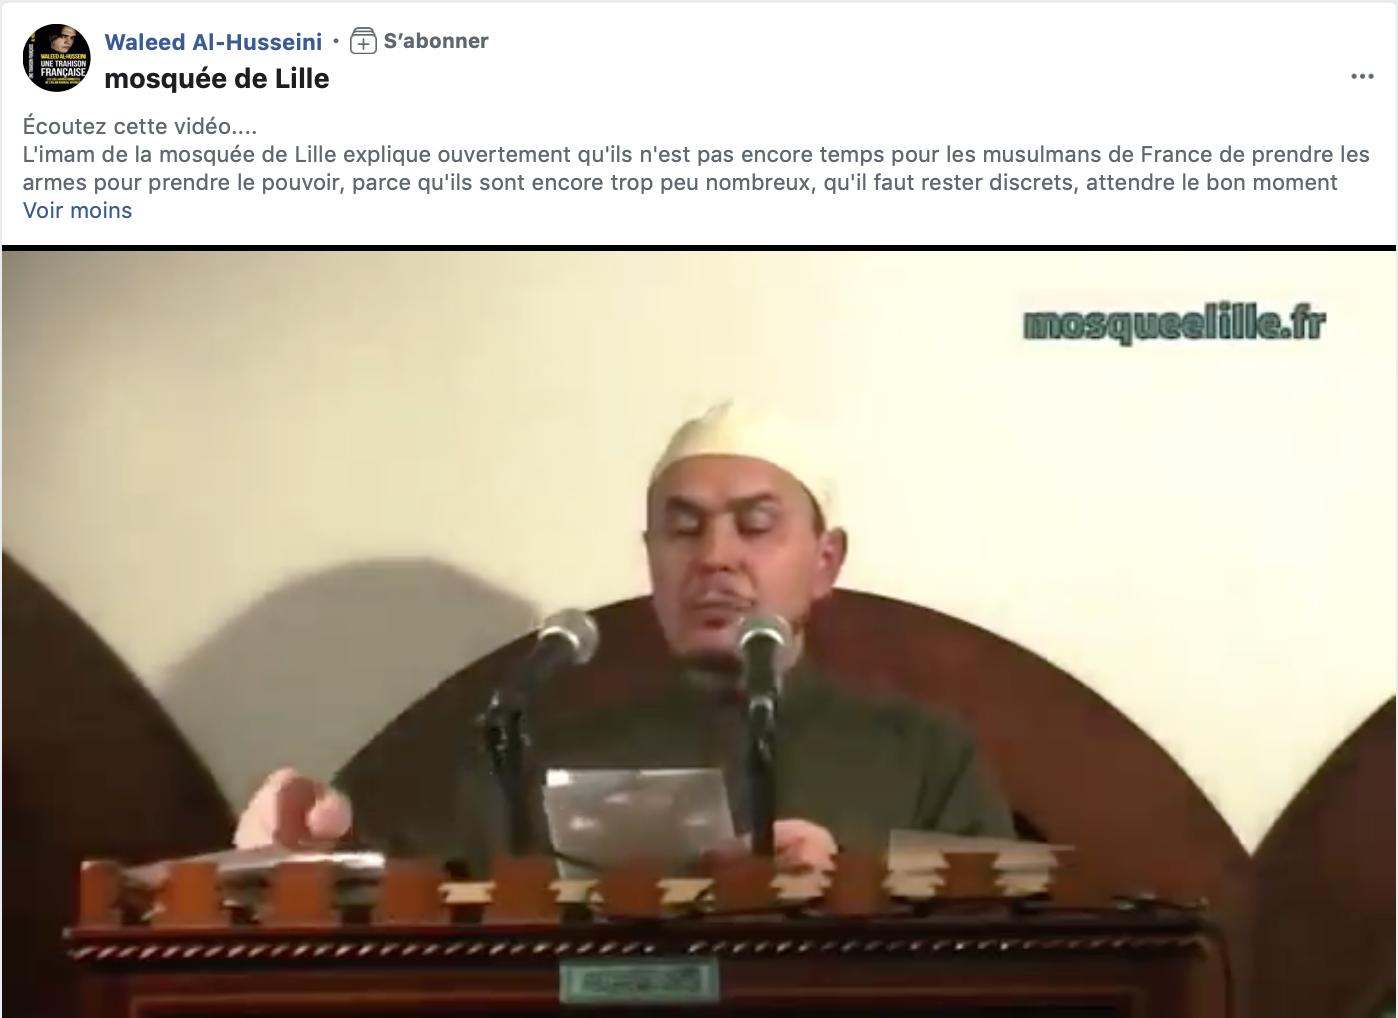 L'imam de la mosquée de Lille : il n'est pas encore temps de prendre les armes pour prendre le pouvoir